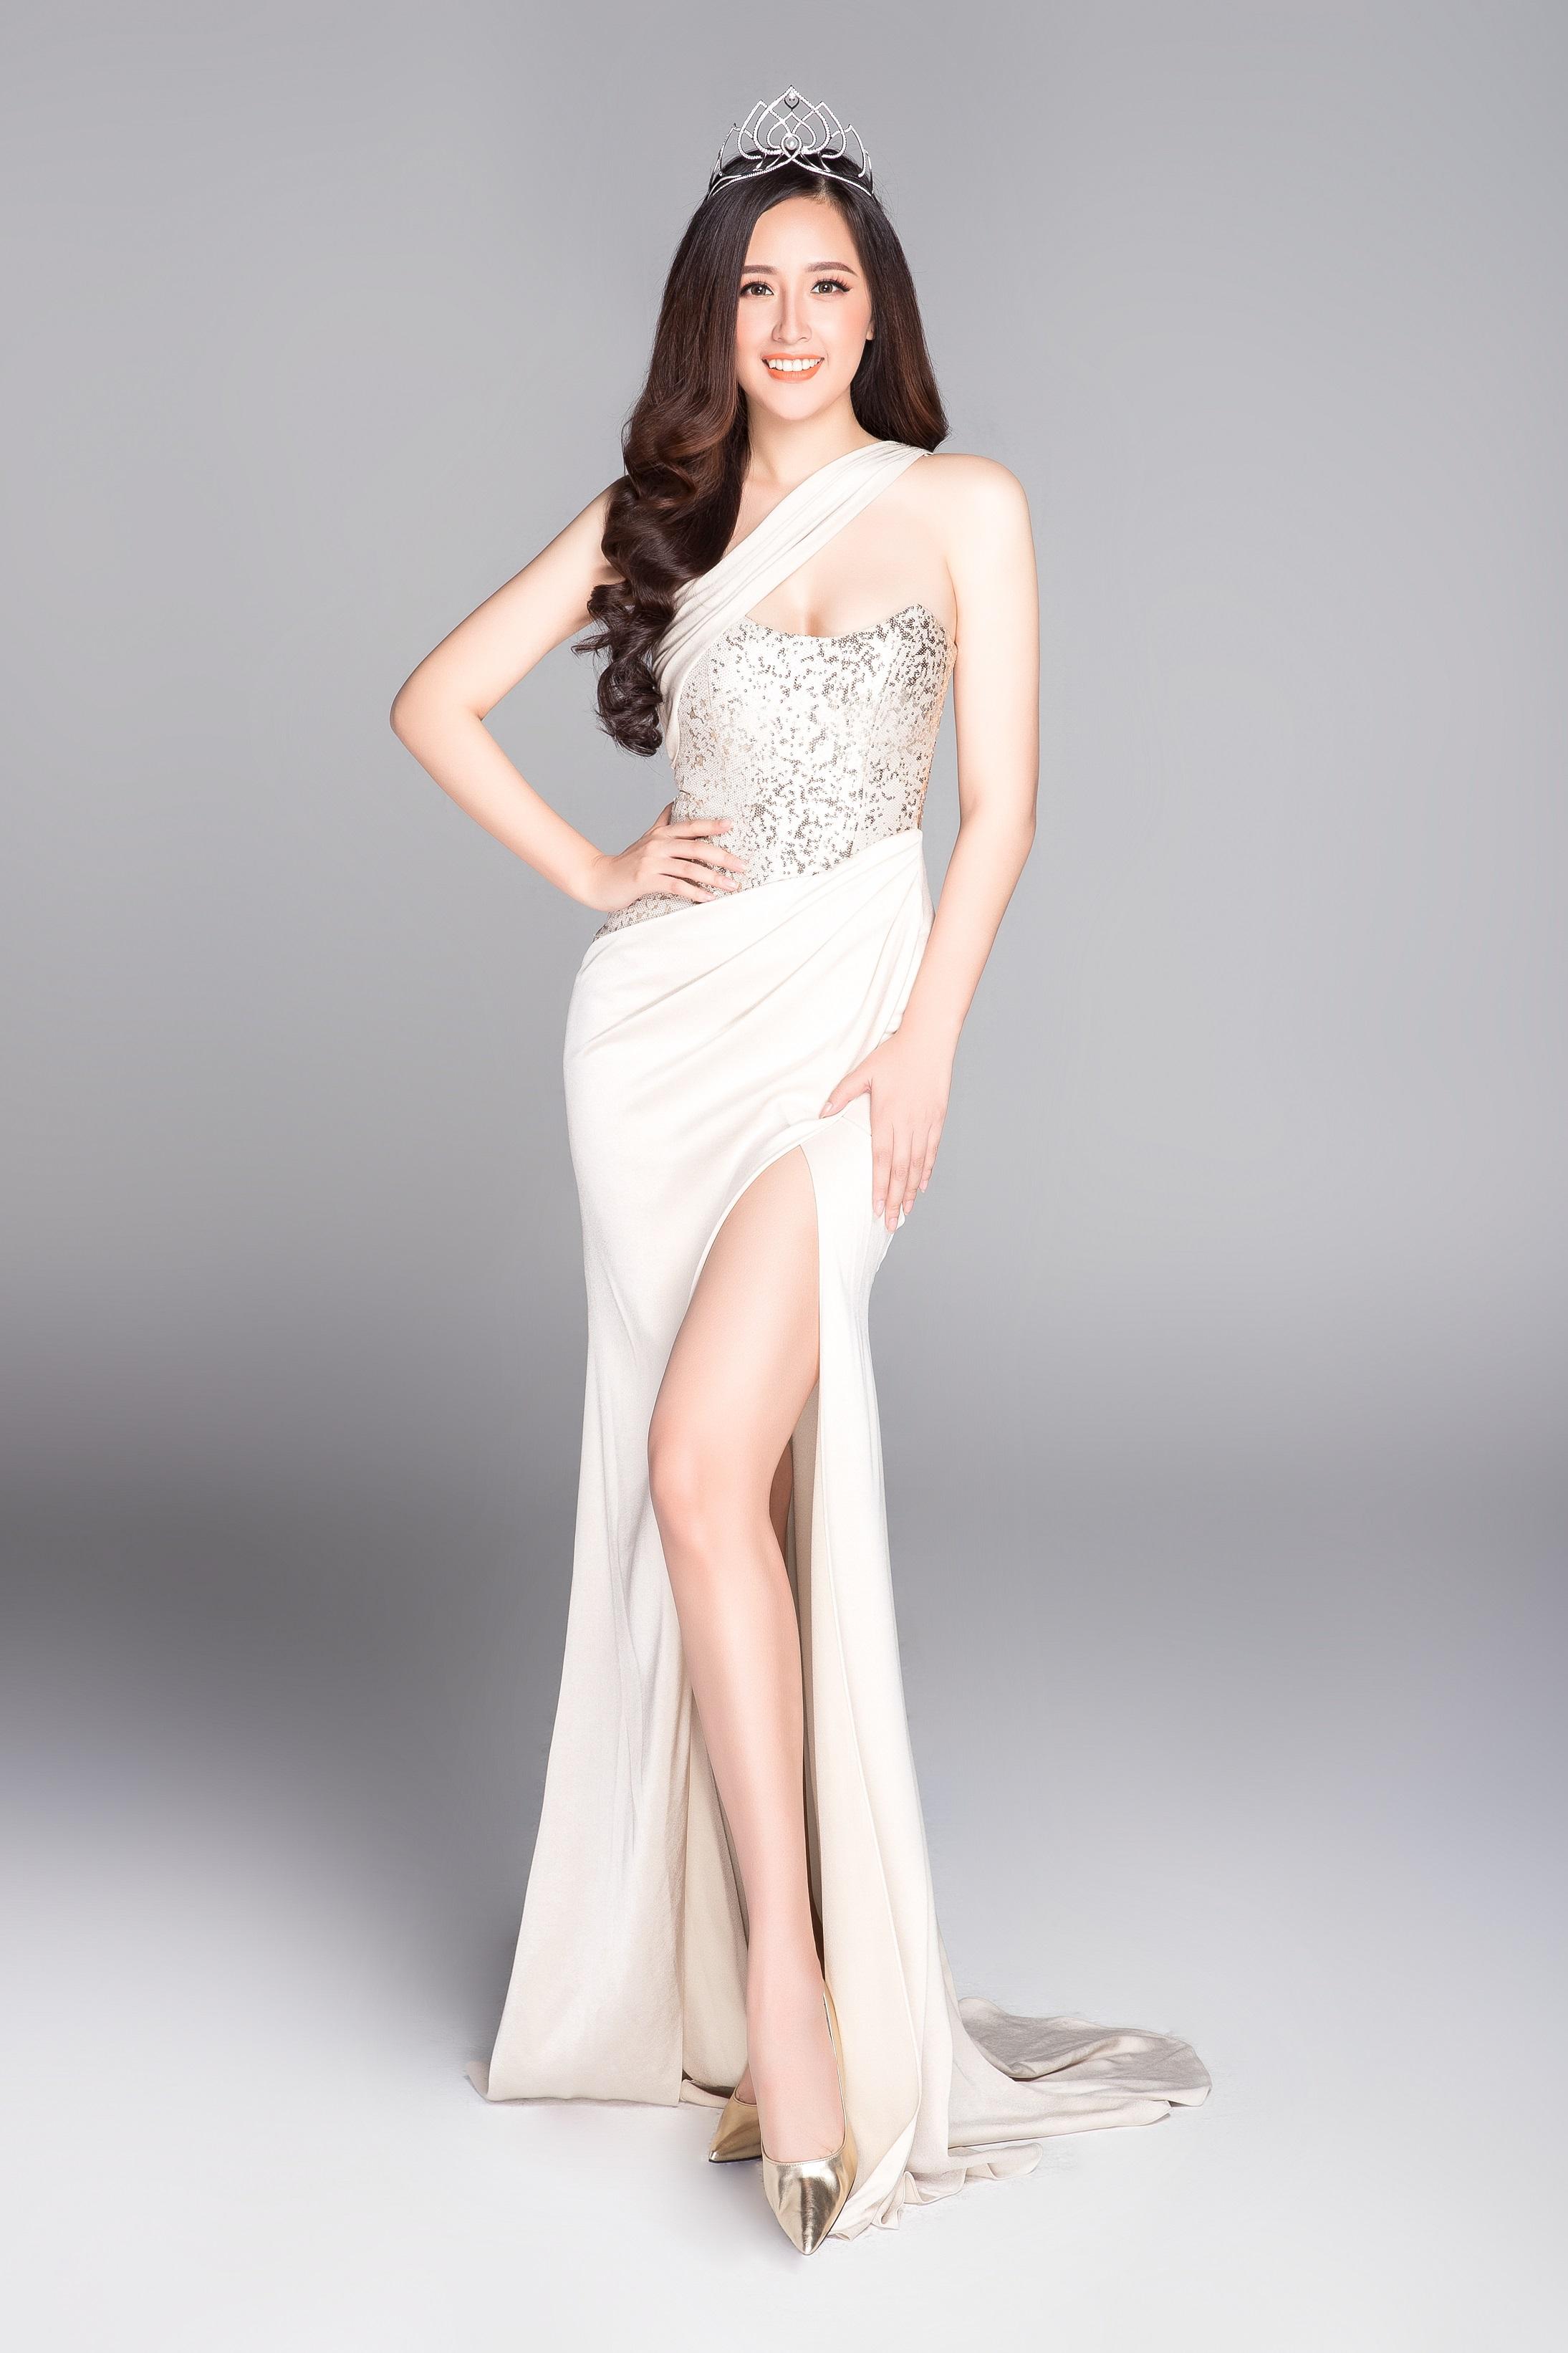 Bộ ảnh đẹp như nữ thần của tất cả các Hoa hậu Việt Nam